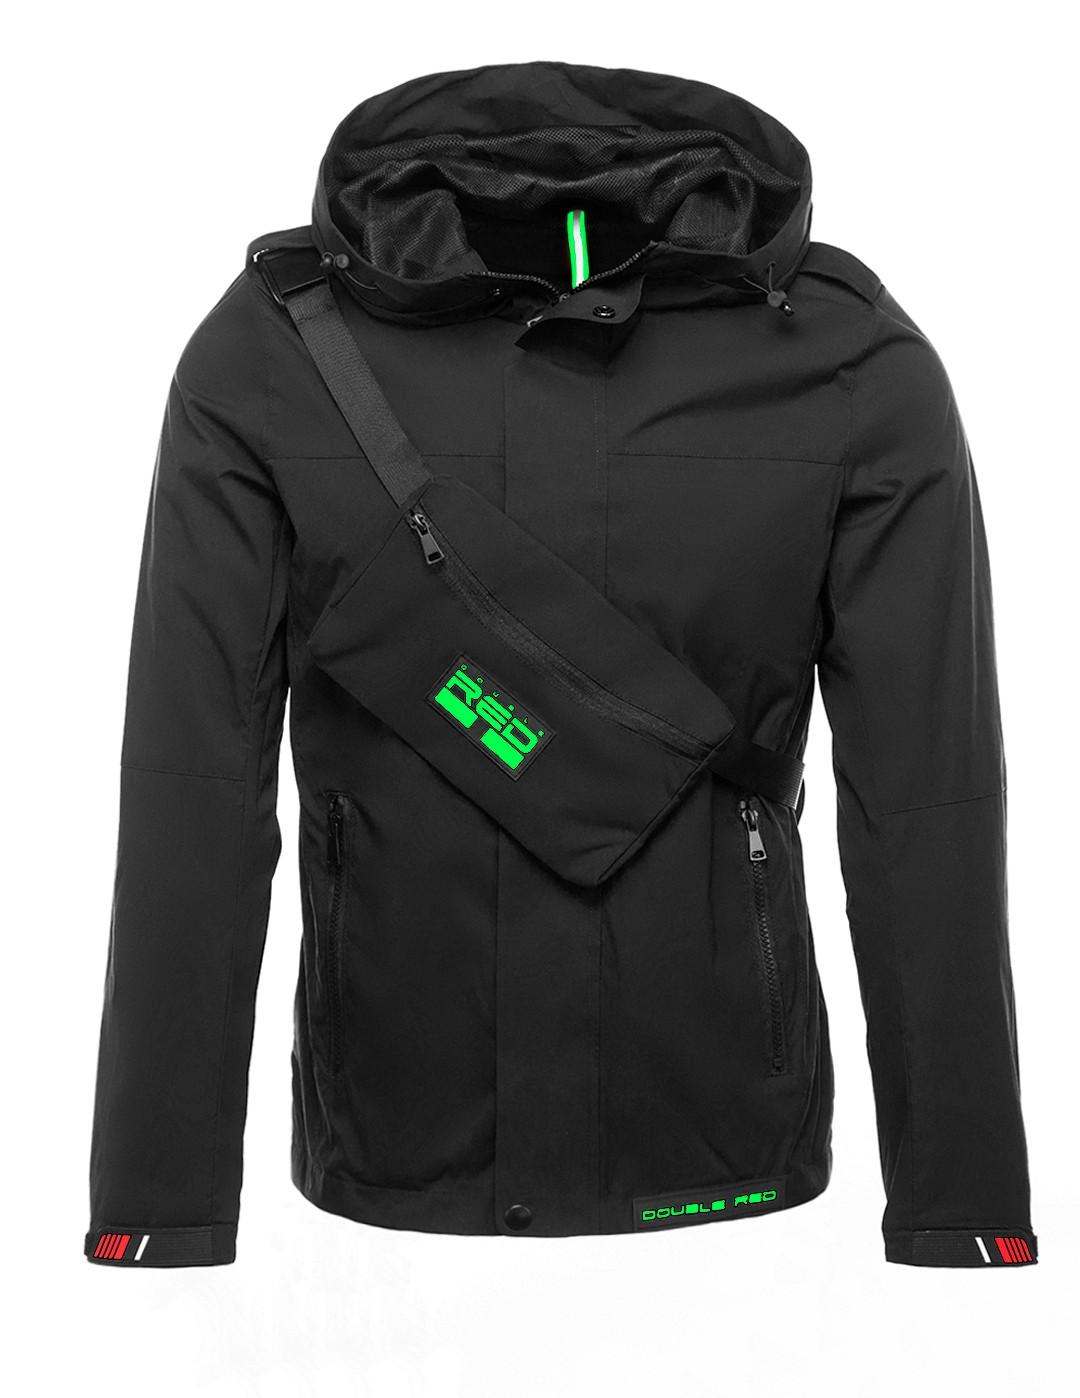 REDBAG Jacket Quattrocolori Edition Black